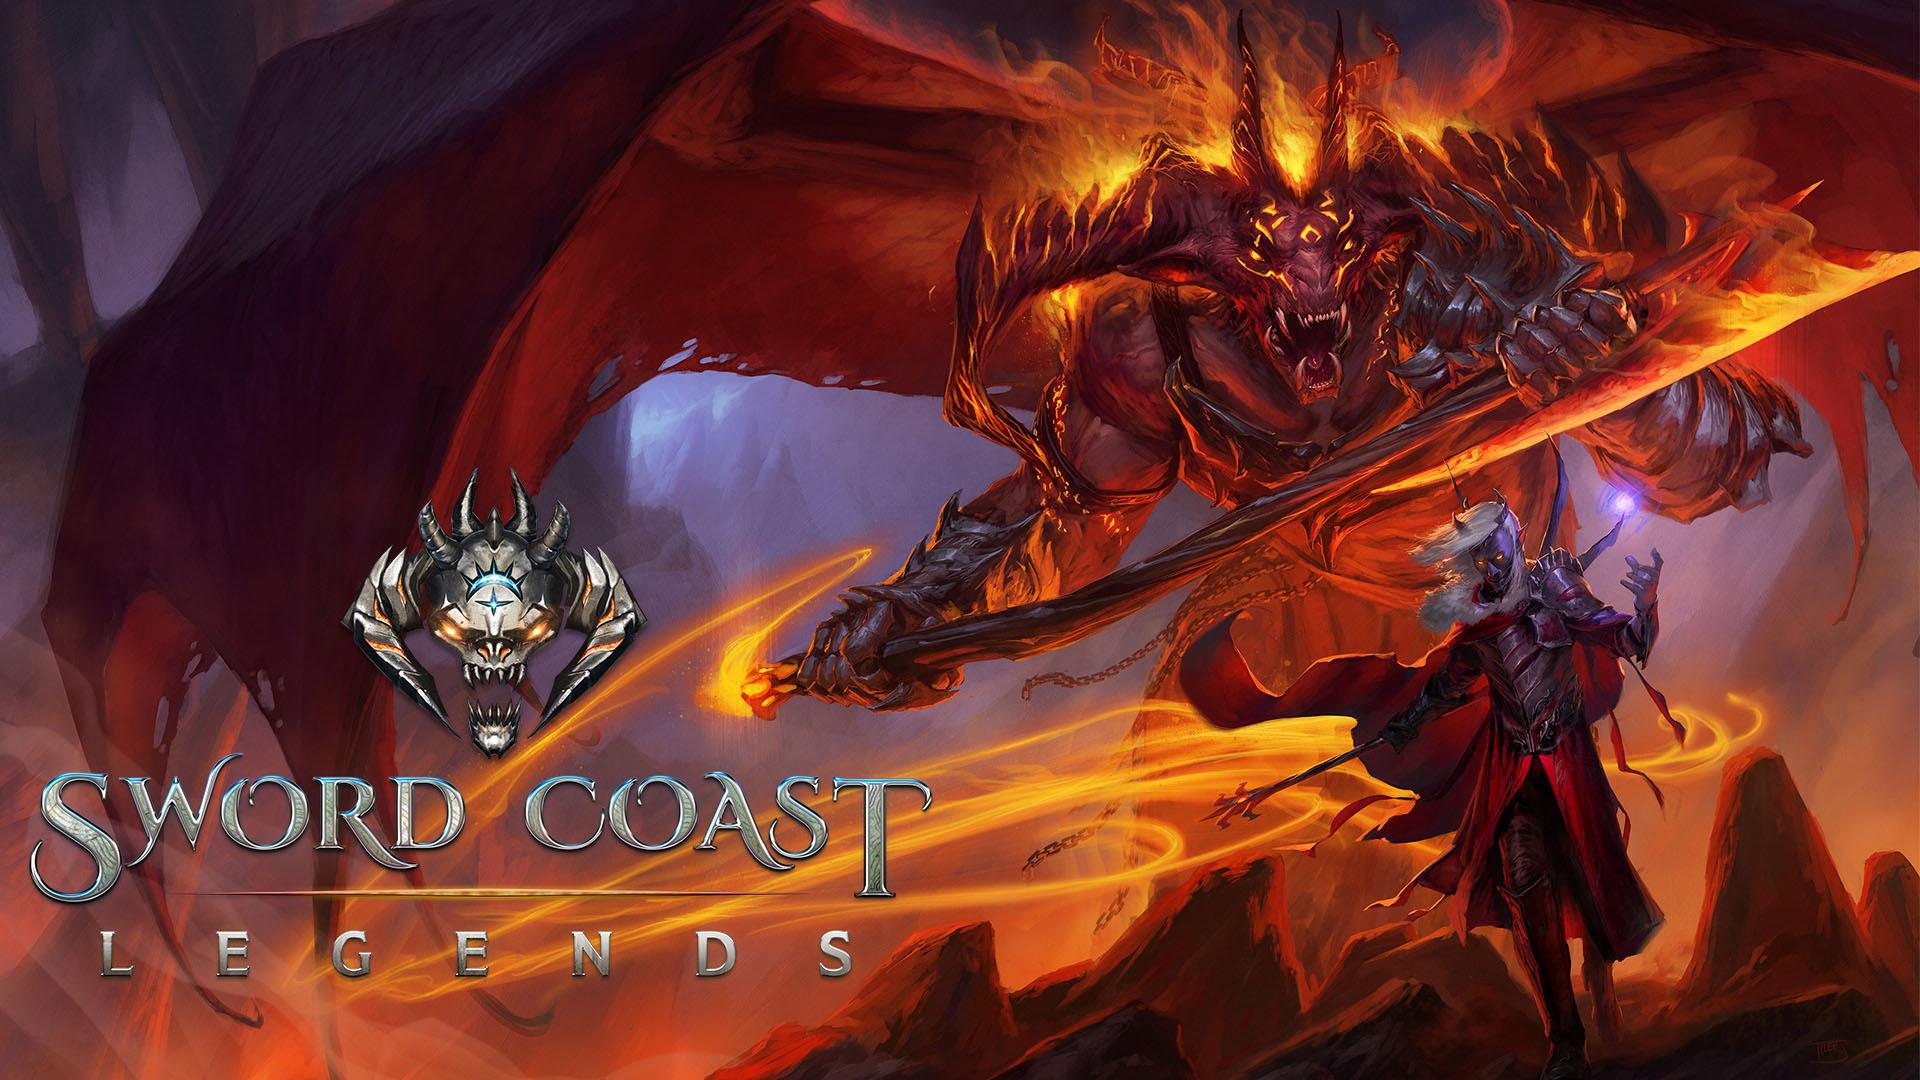 Il logo di Sword Coast Legends su un'illustrazione.